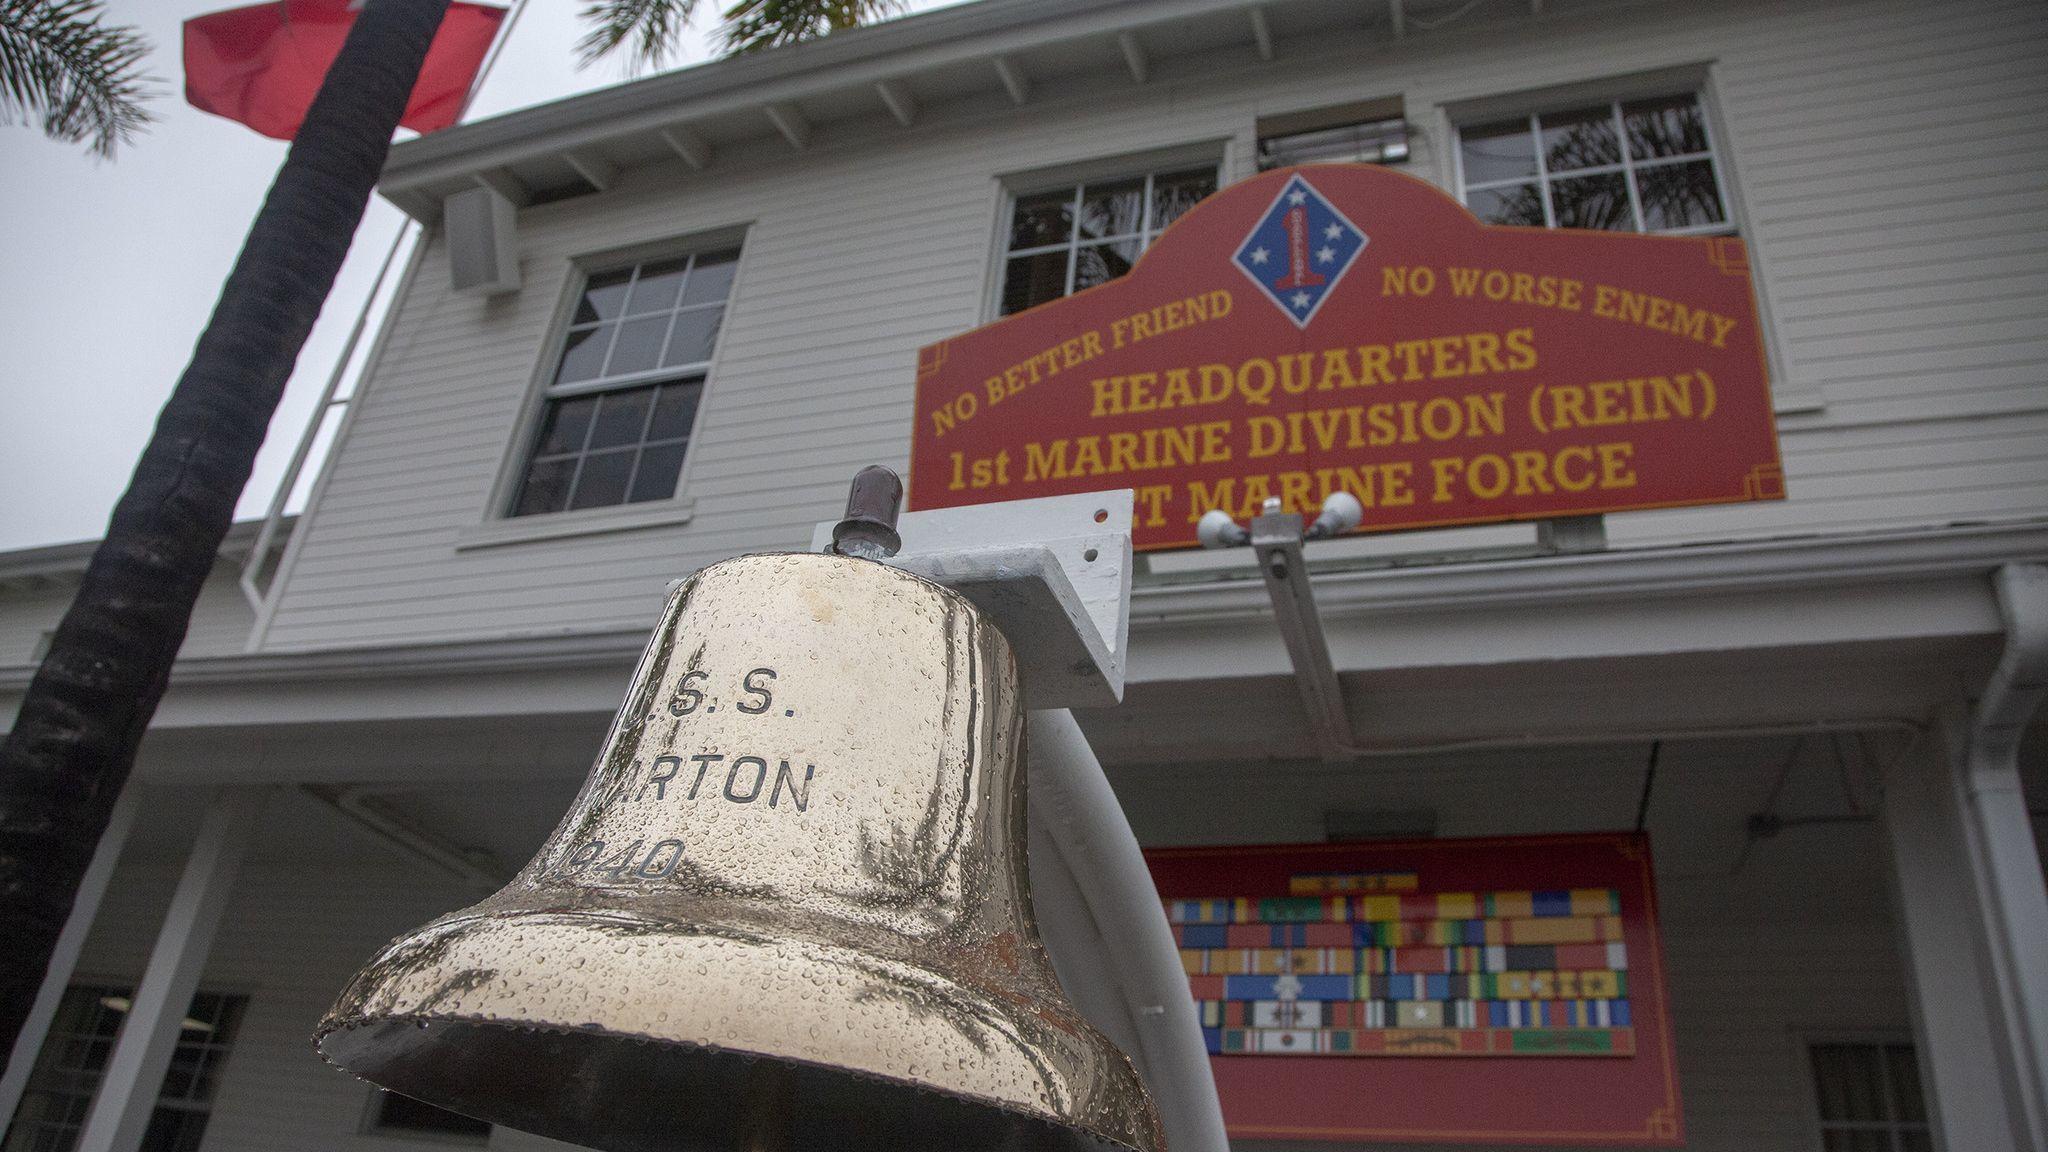 Marine division's historic headquarters has uncertain future